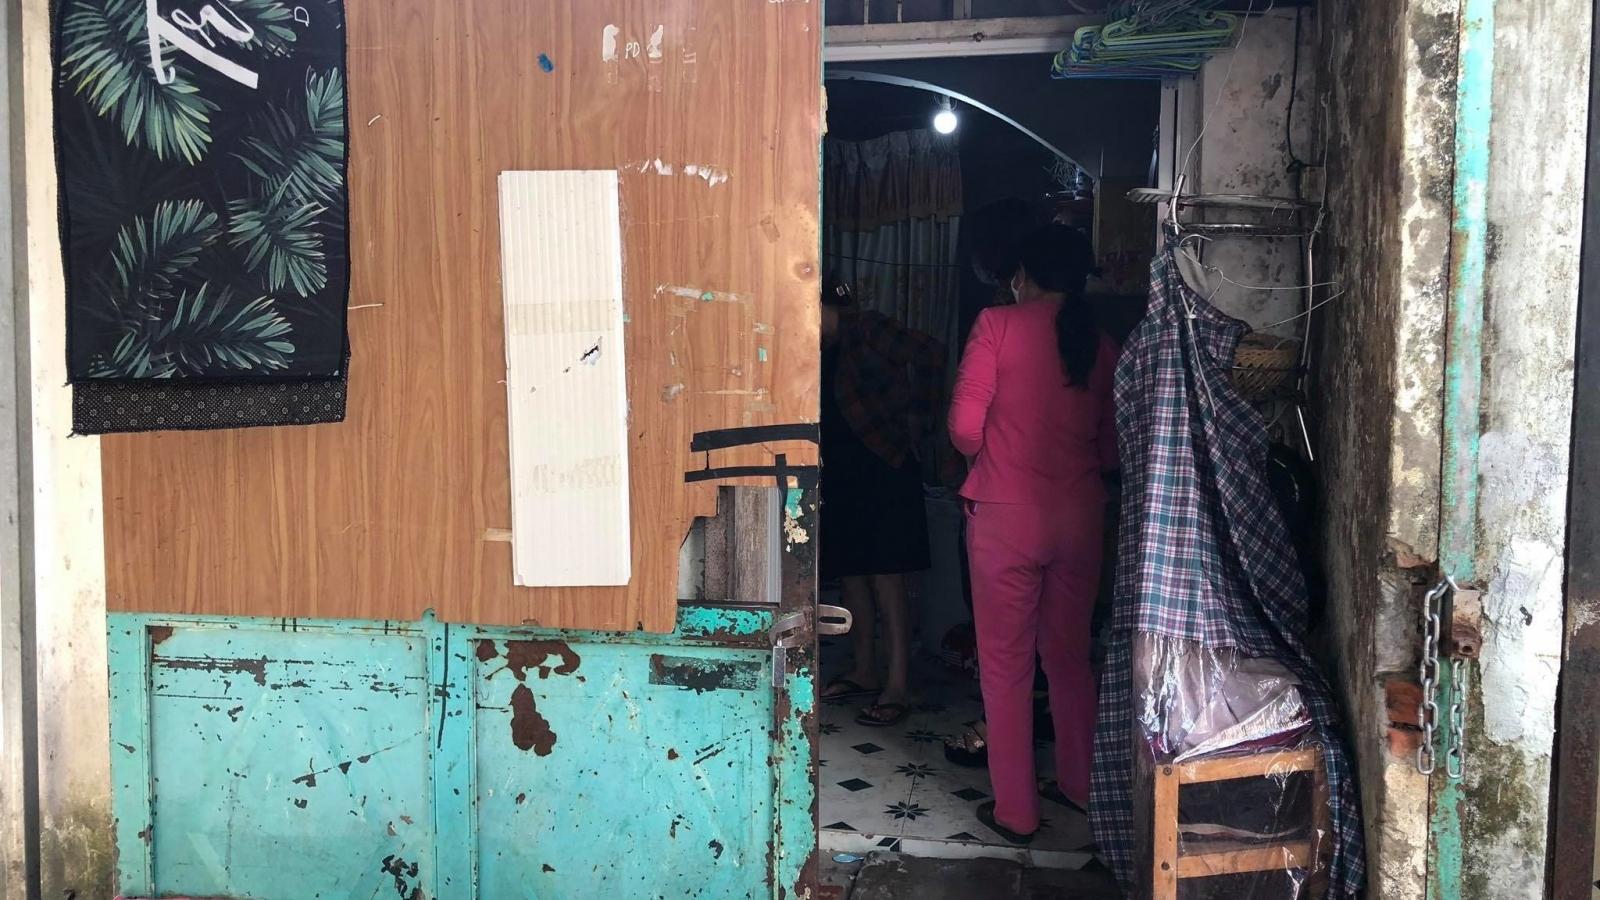 Vụ bạo hành con ruột tại Hà Đông: Hàng xóm khiếp hãi lối hành xử của người mẹ